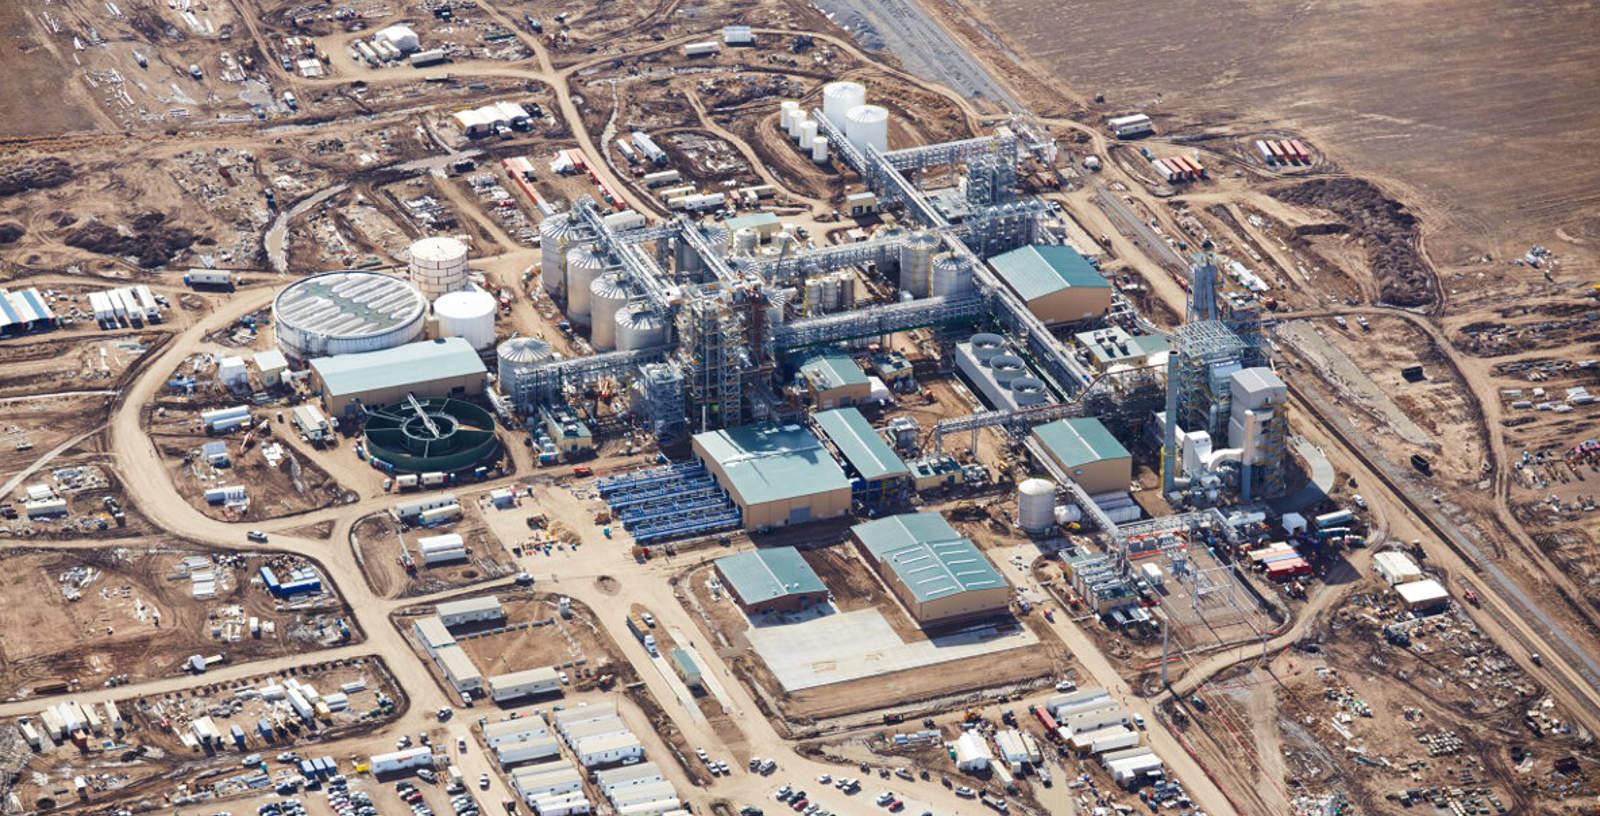 Hugoton_Bioethanol_Plant_USA_Abengoa_IDOM_001